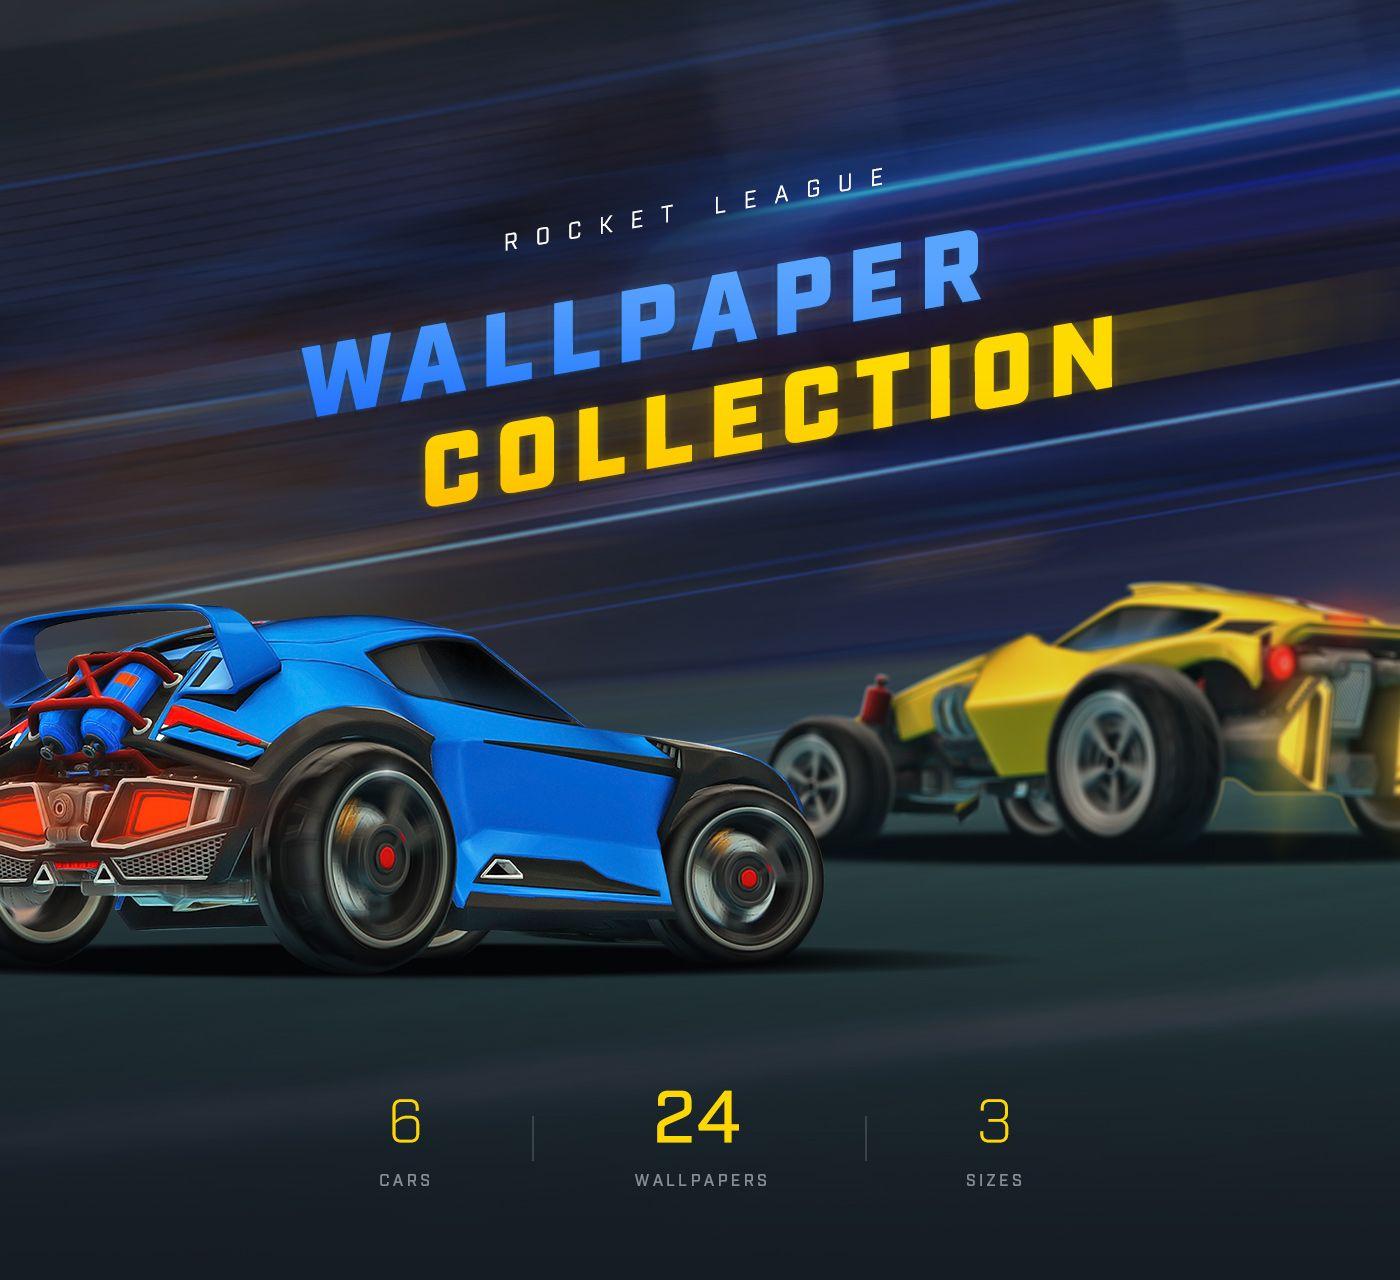 Rocket League Wallpaper Collection (mit Bildern